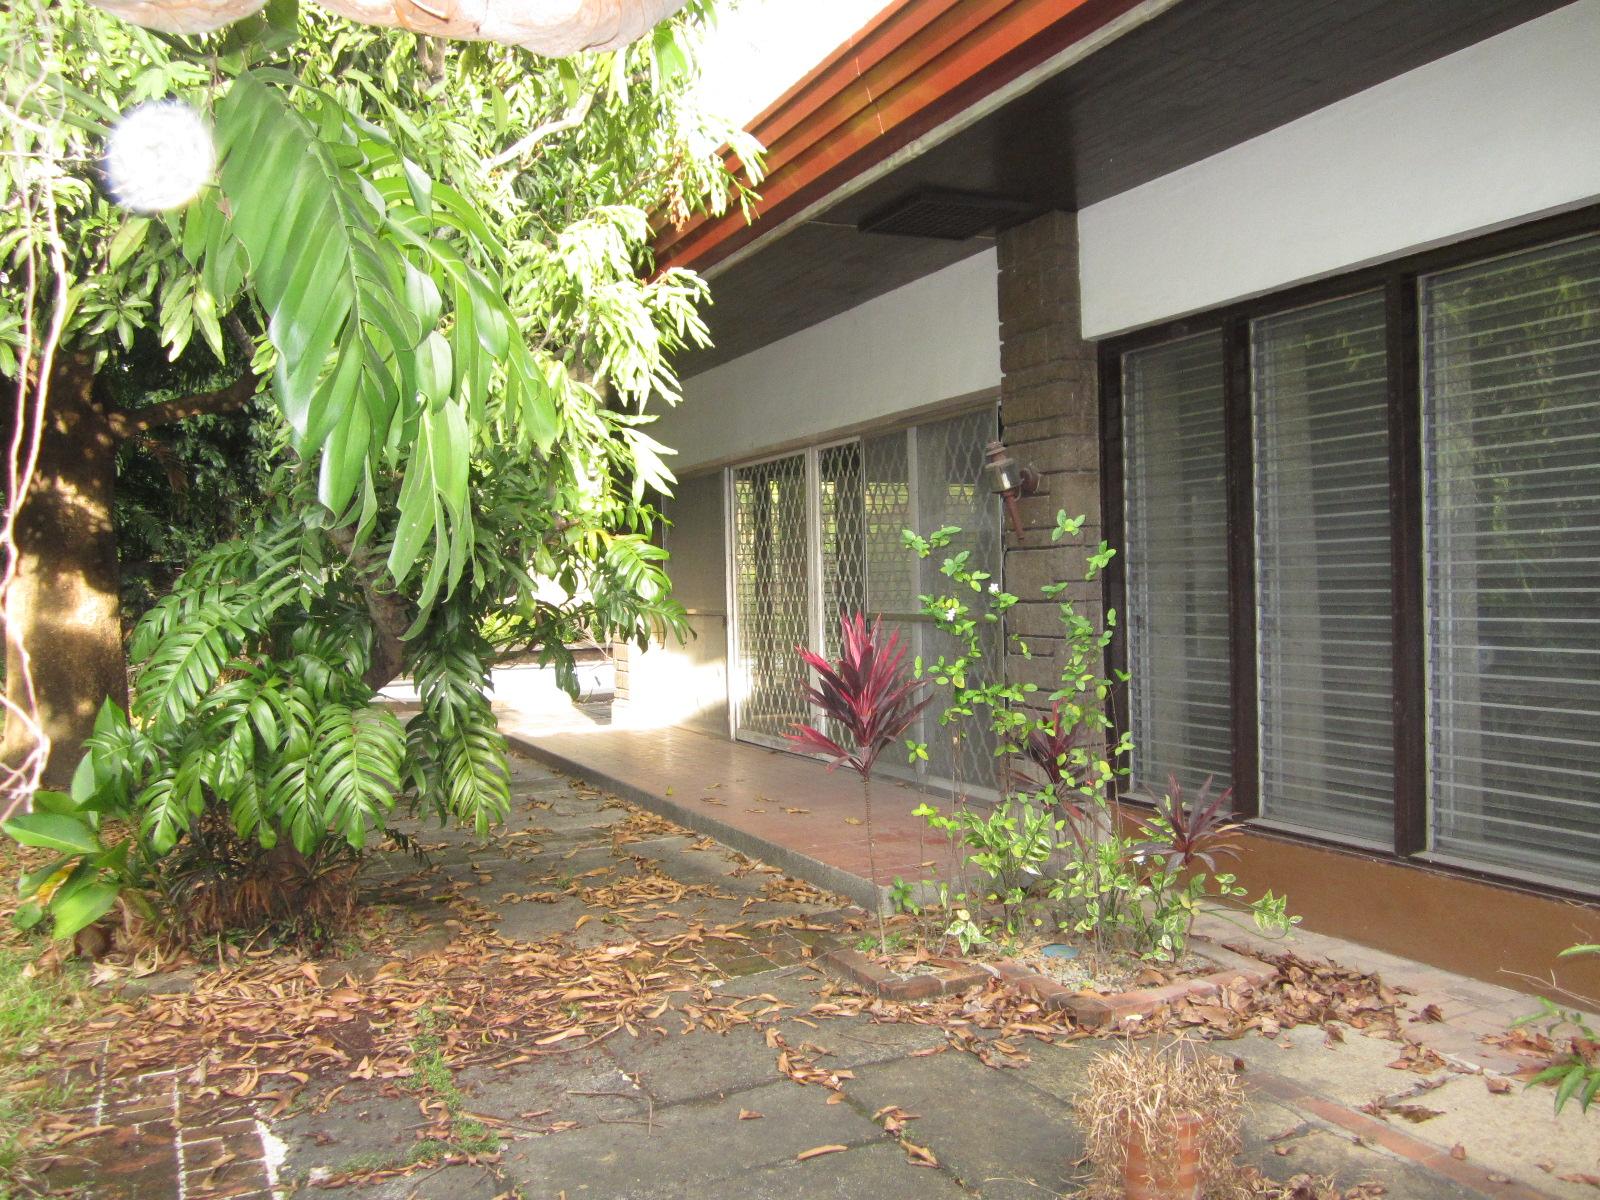 FOR SALE: Lot / Land / Farm Manila Metropolitan Area > Makati 3